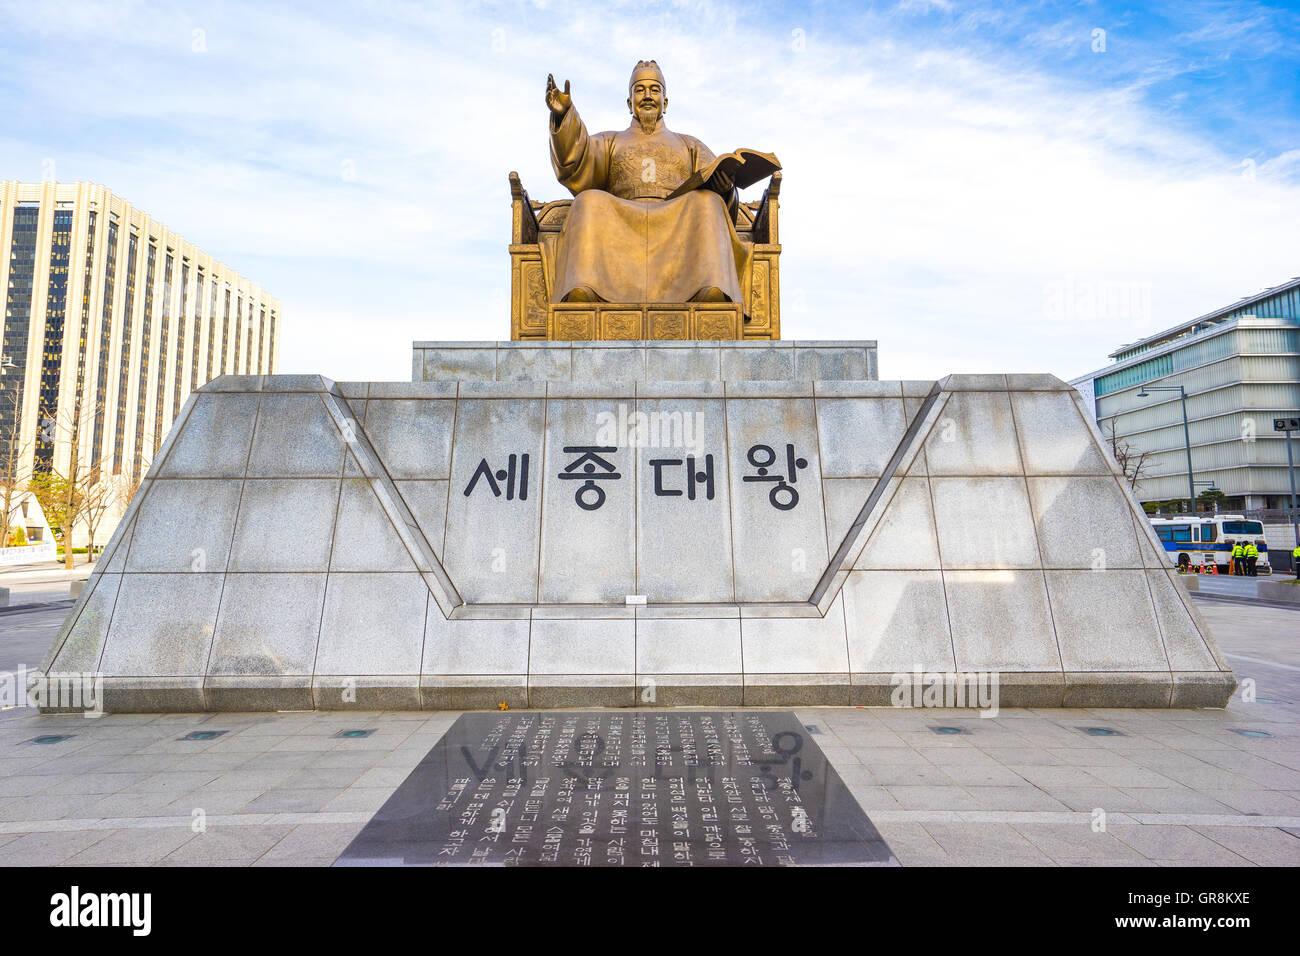 Statue de Sejong le grand roi à la place Gwanghwamun à Séoul, Corée du Sud. Photo Stock